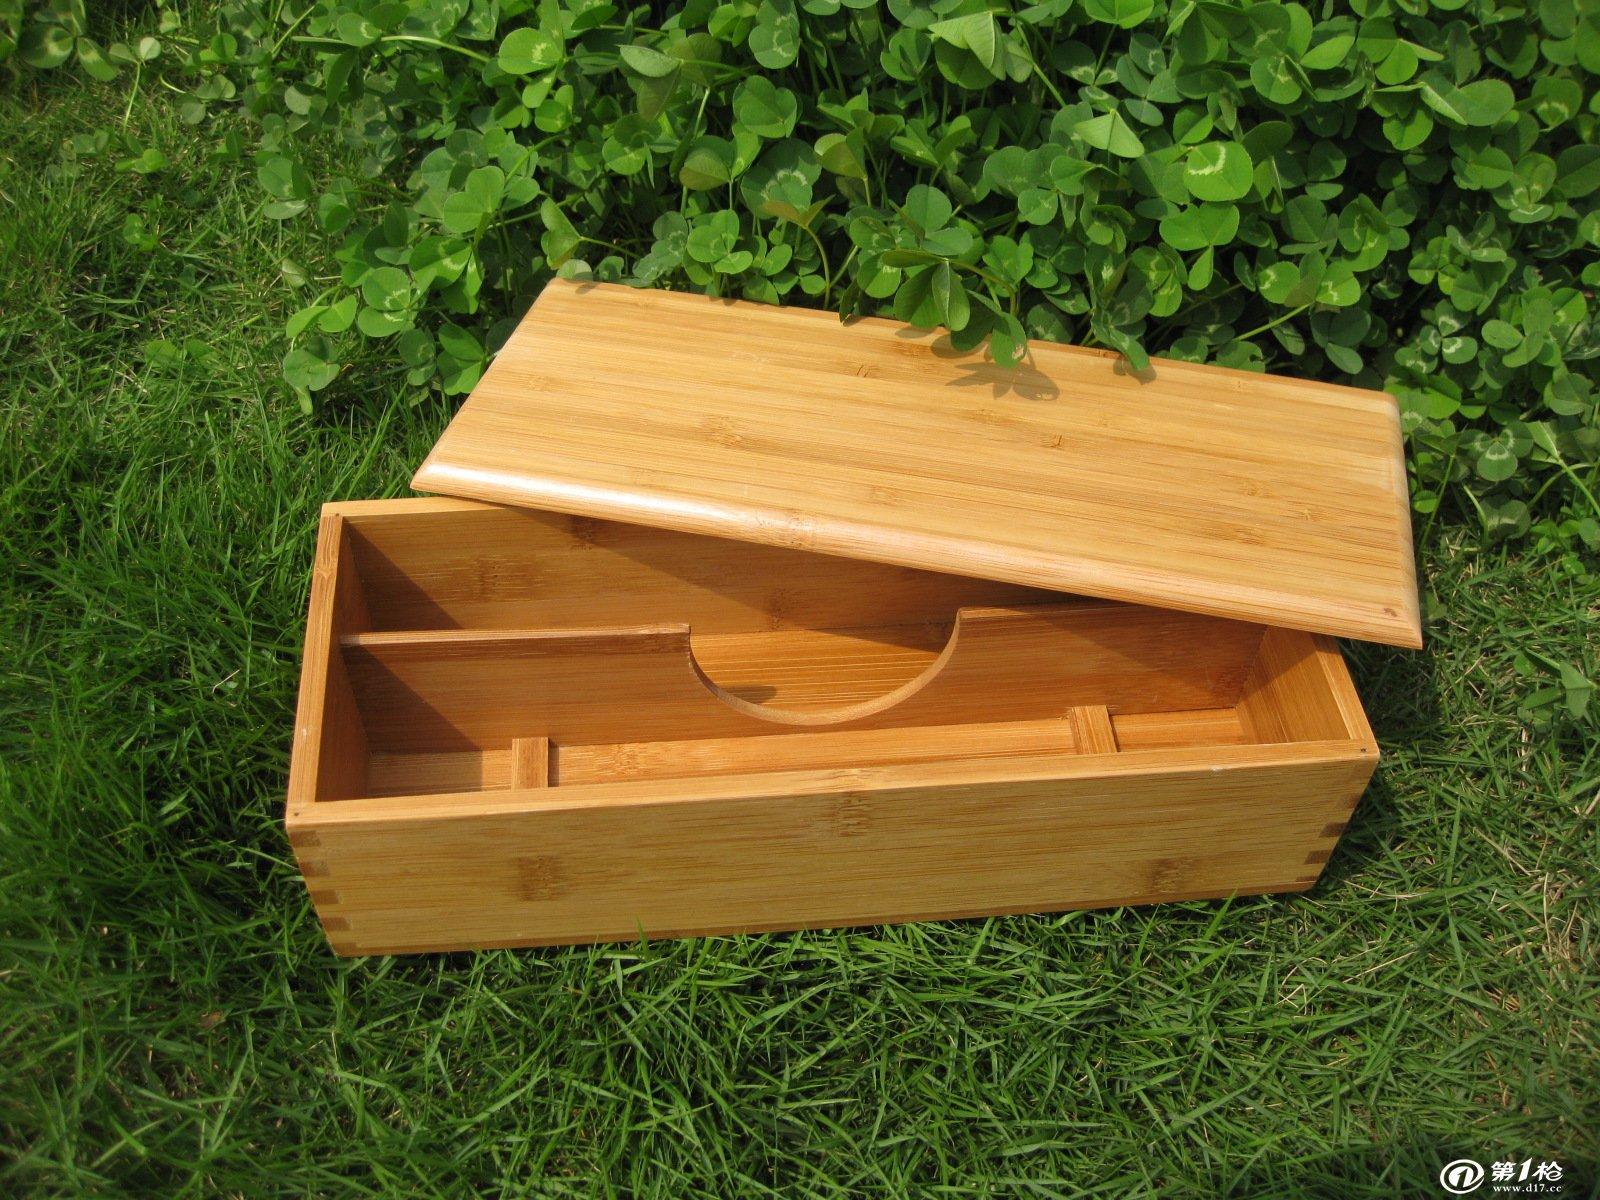 竹制筷子盒 日式韩式两格带盖筷子盒 外贸出口优质竹筷盒 可定做图片